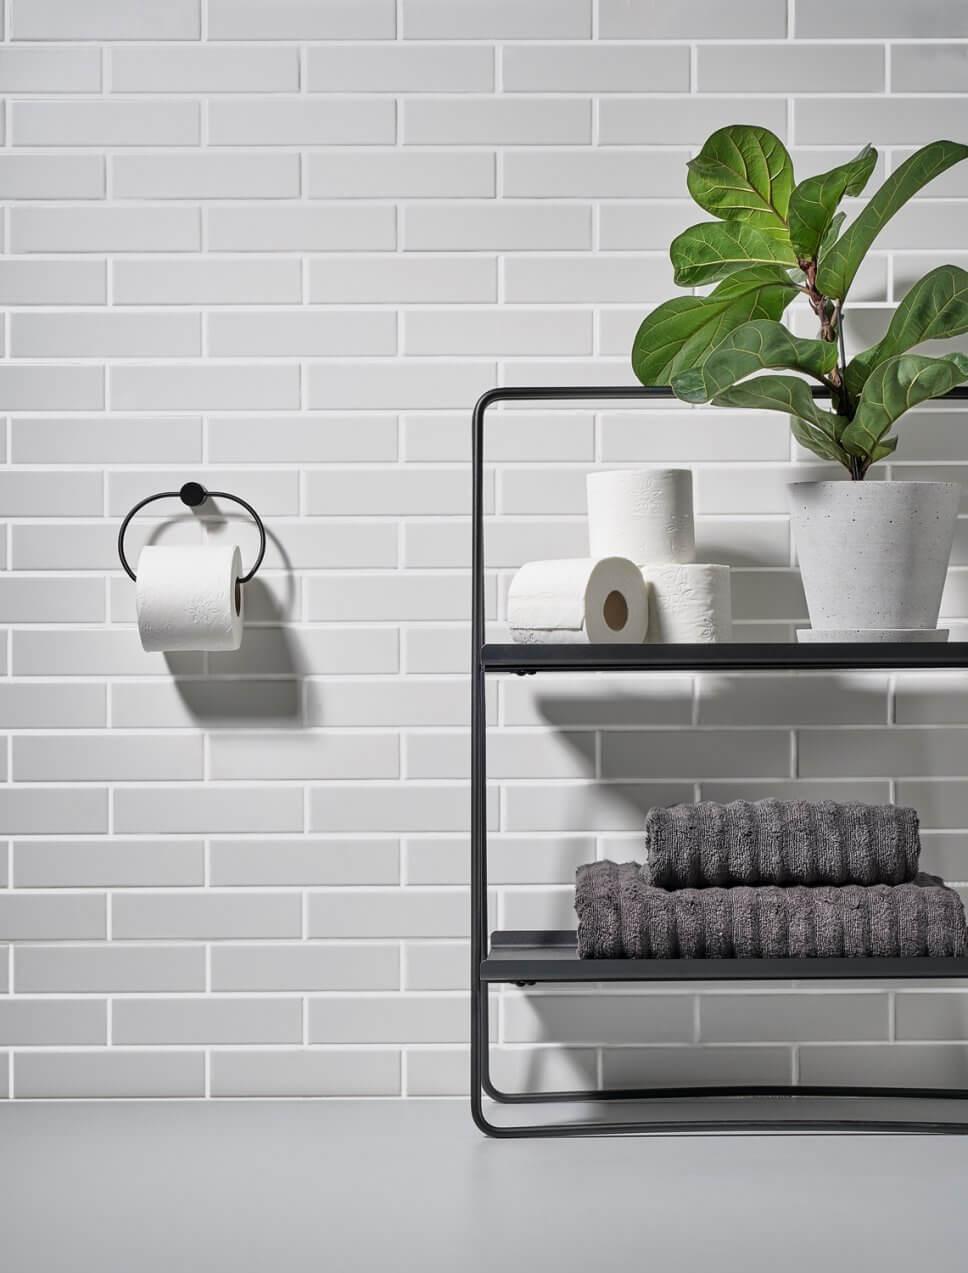 Toilettenpapierhalter in modernem Badezimmer